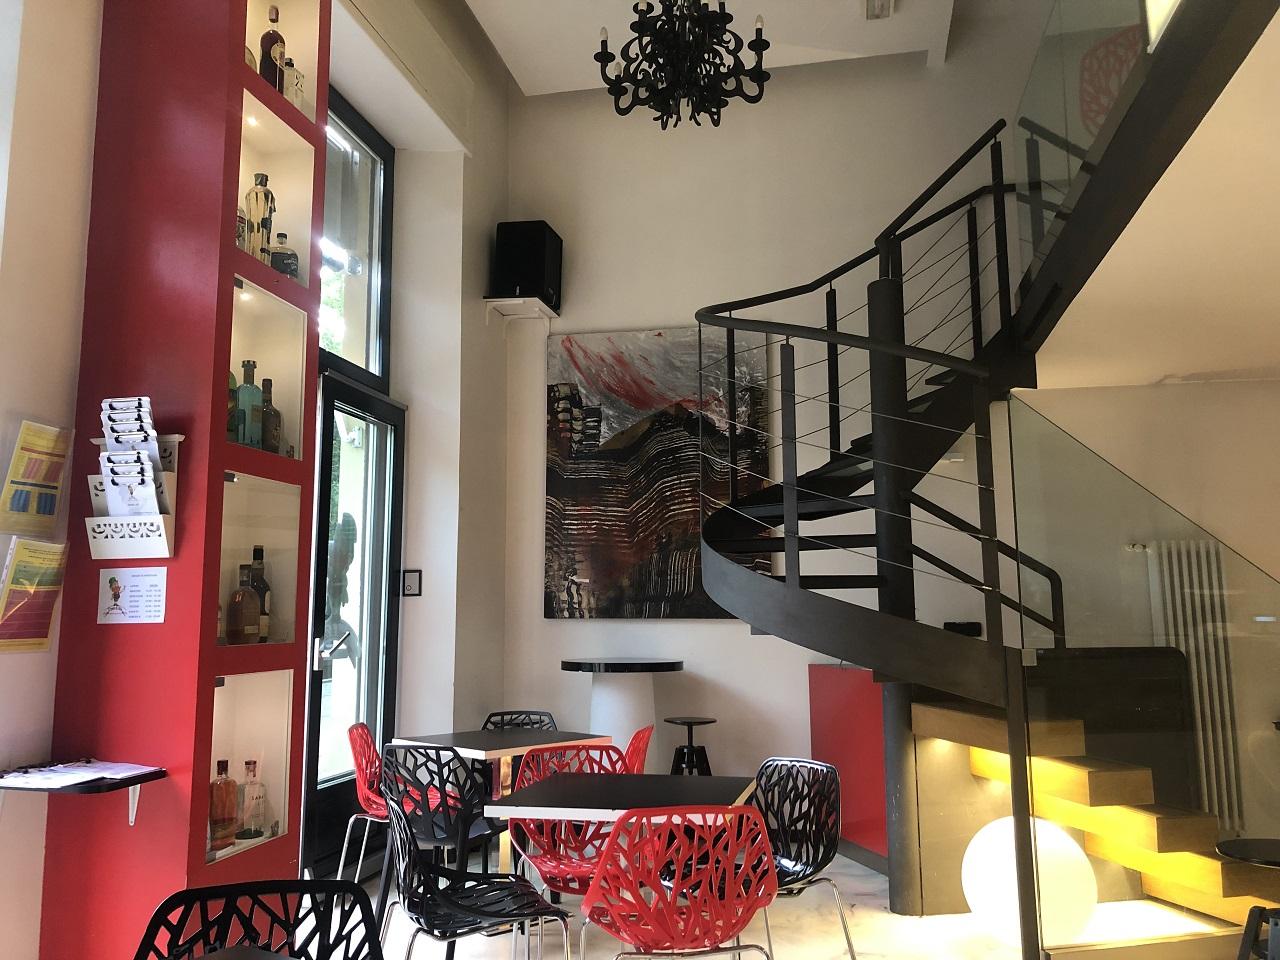 locale con scale e sedie rosse e nere